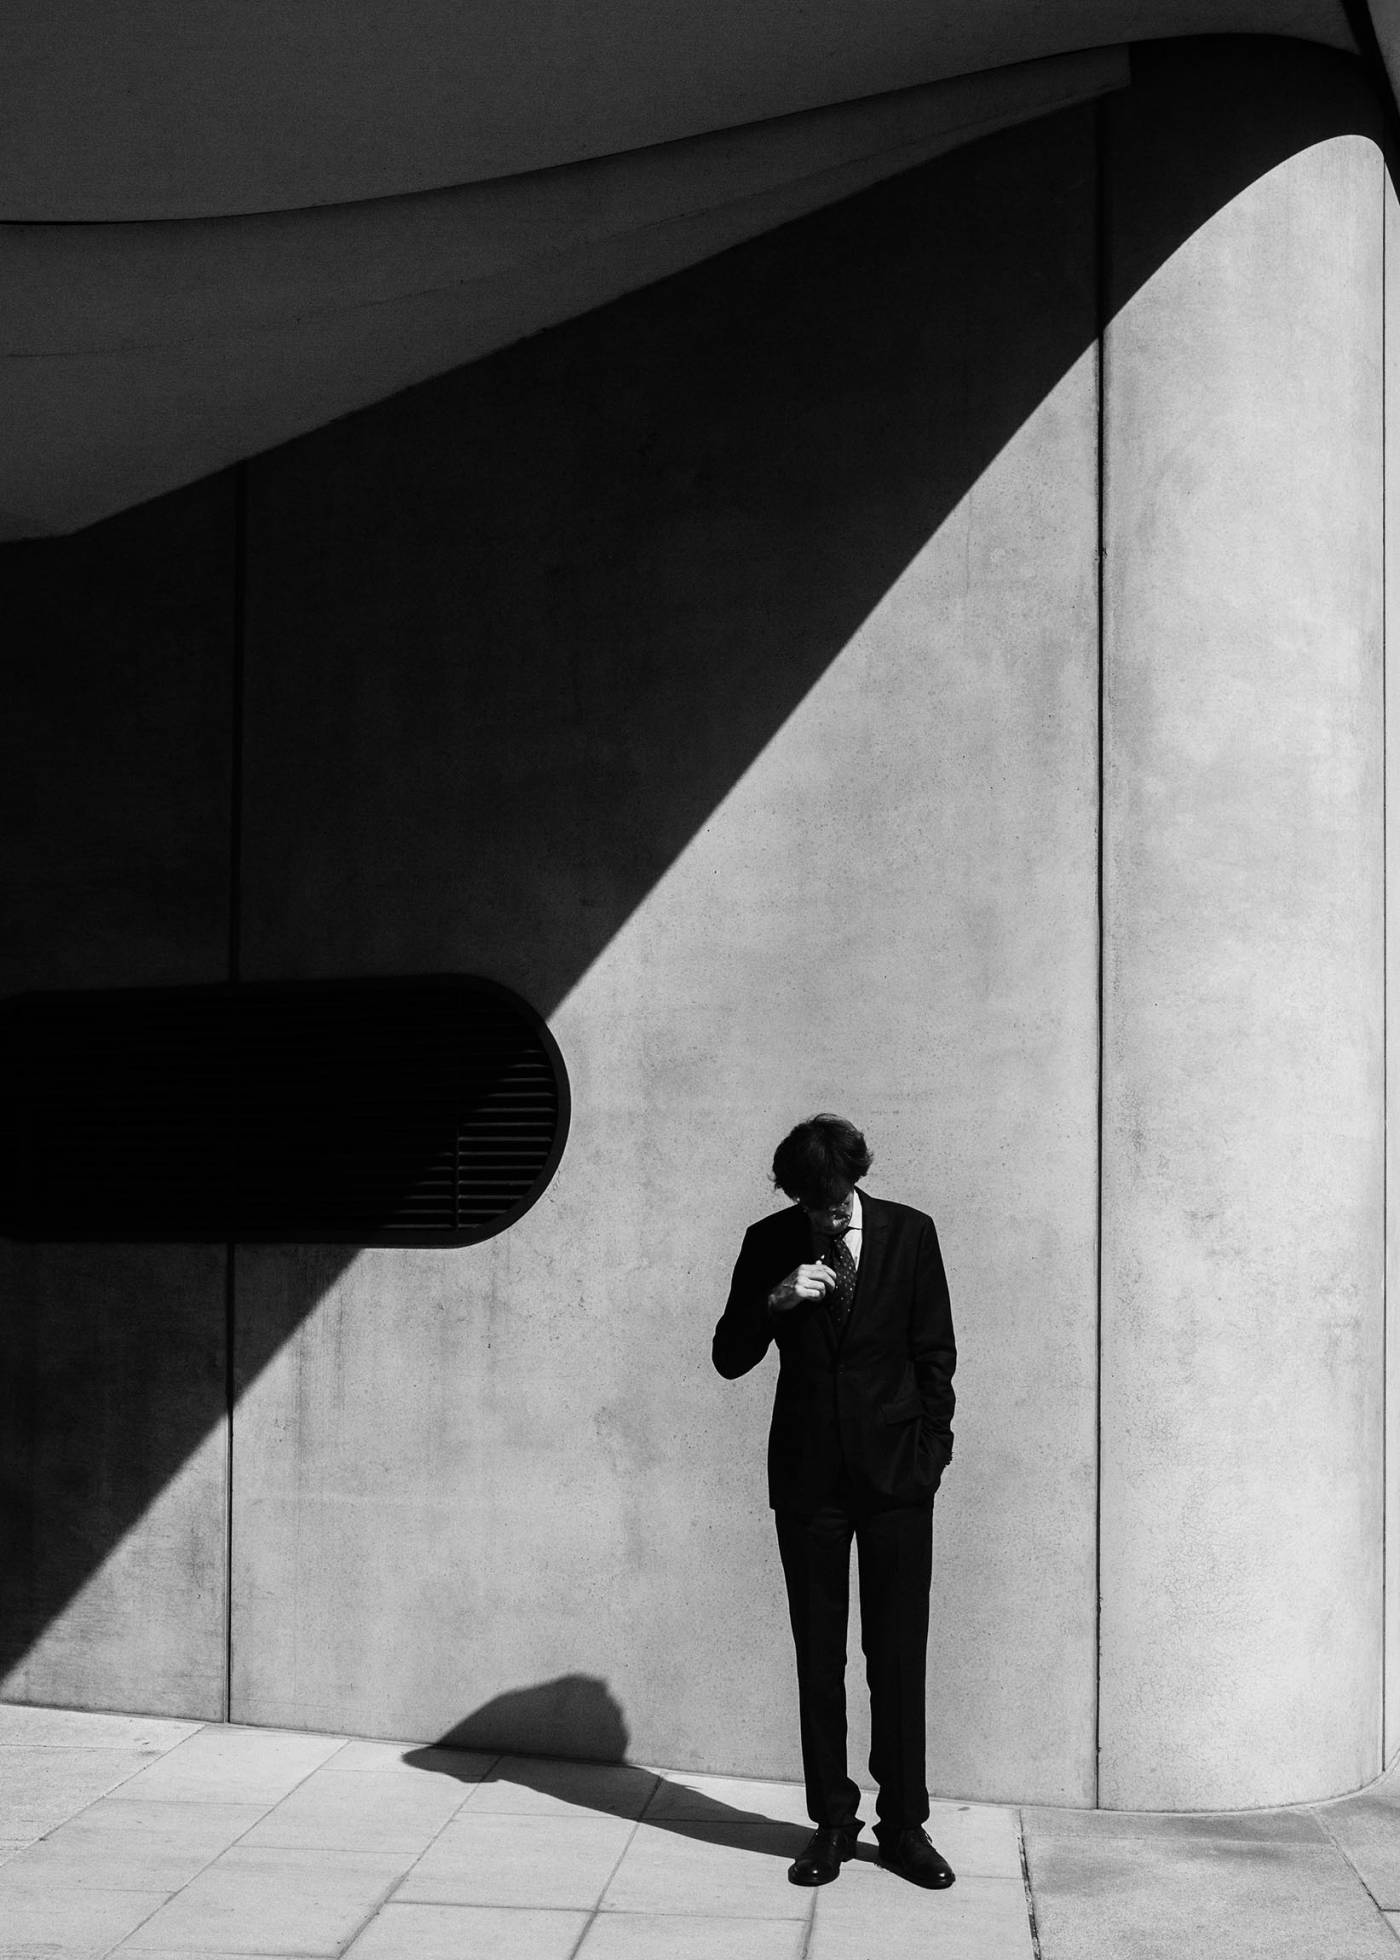 © Matthias Oertel portfolio image